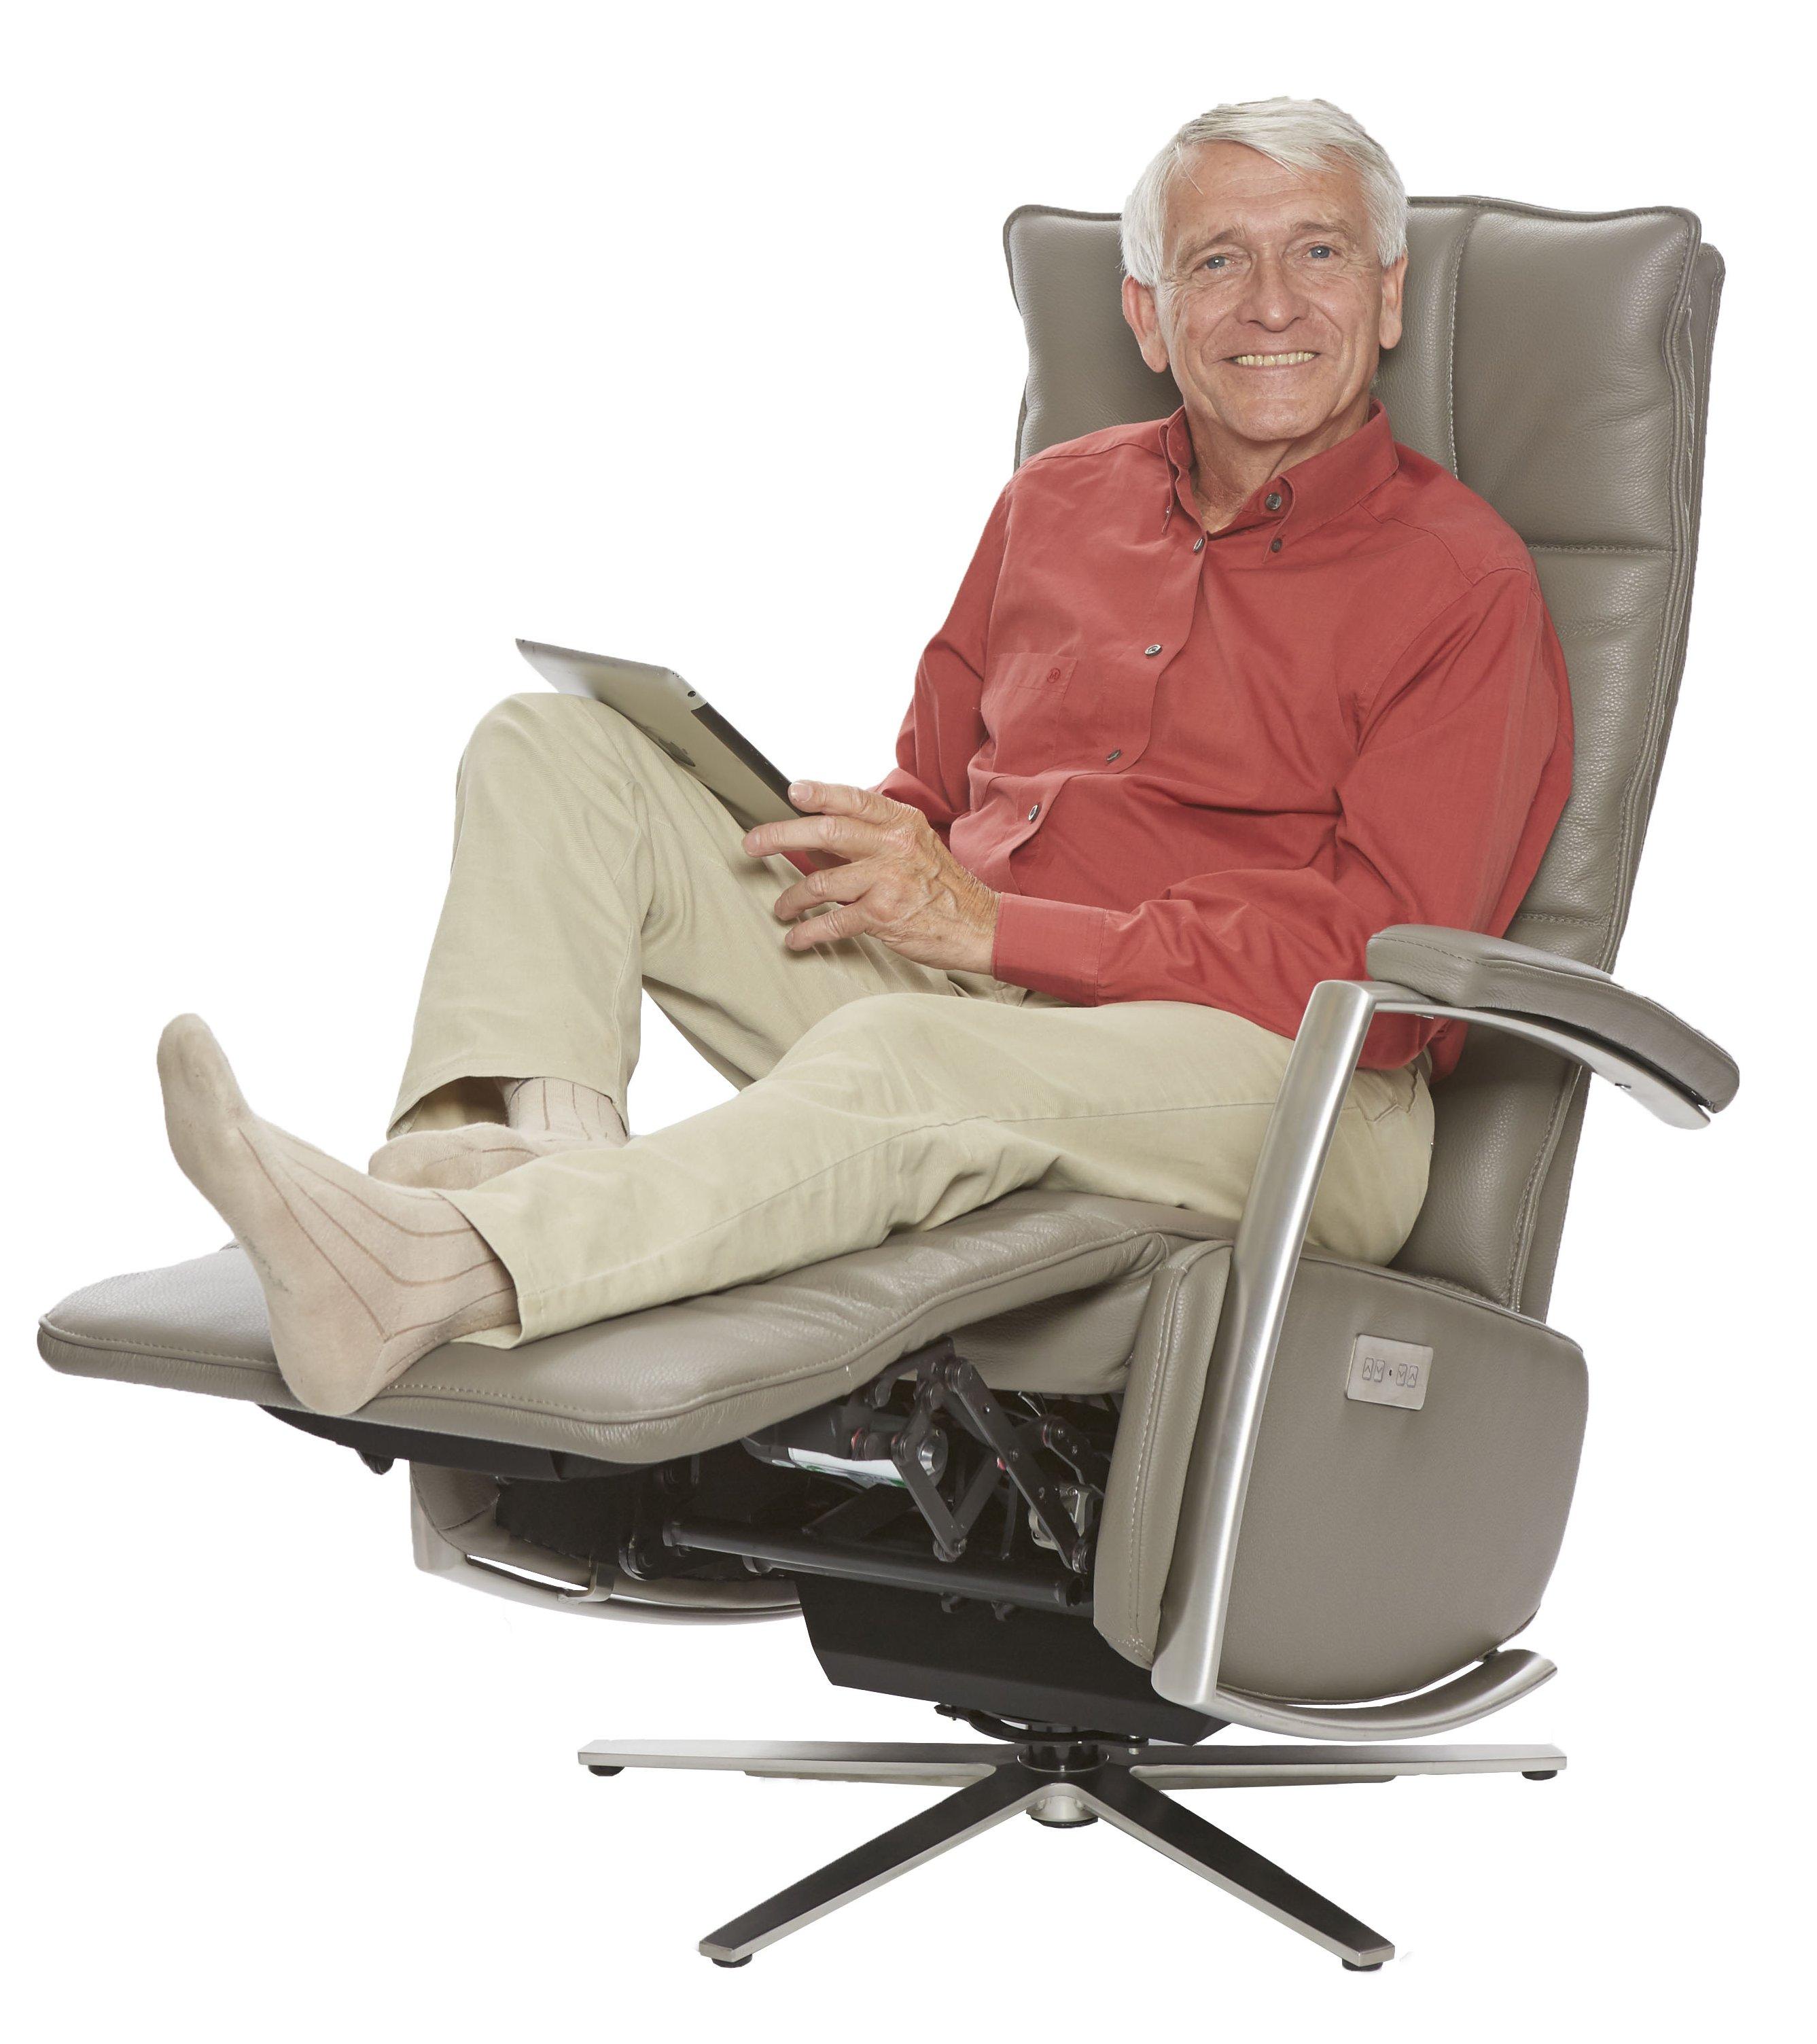 Fauteuil Voor Senioren.Fauteuil Voor Senioren Op Voorraad Easysit Nl